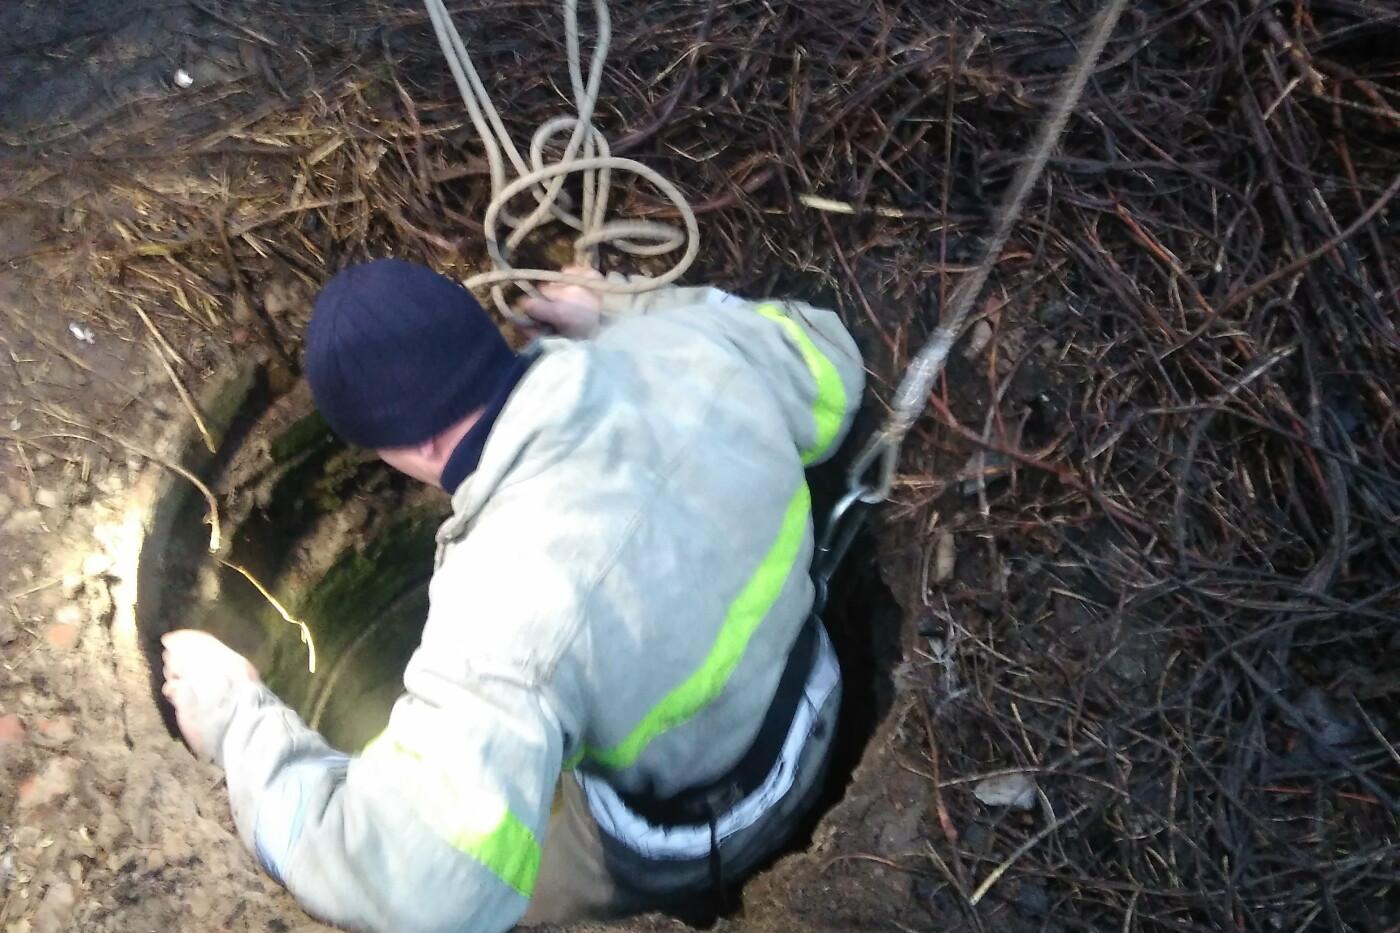 На Харьковщине спасатели 40 минут доставали теленка, провалившегося в заброшенный колодец, - ФОТО, фото-2